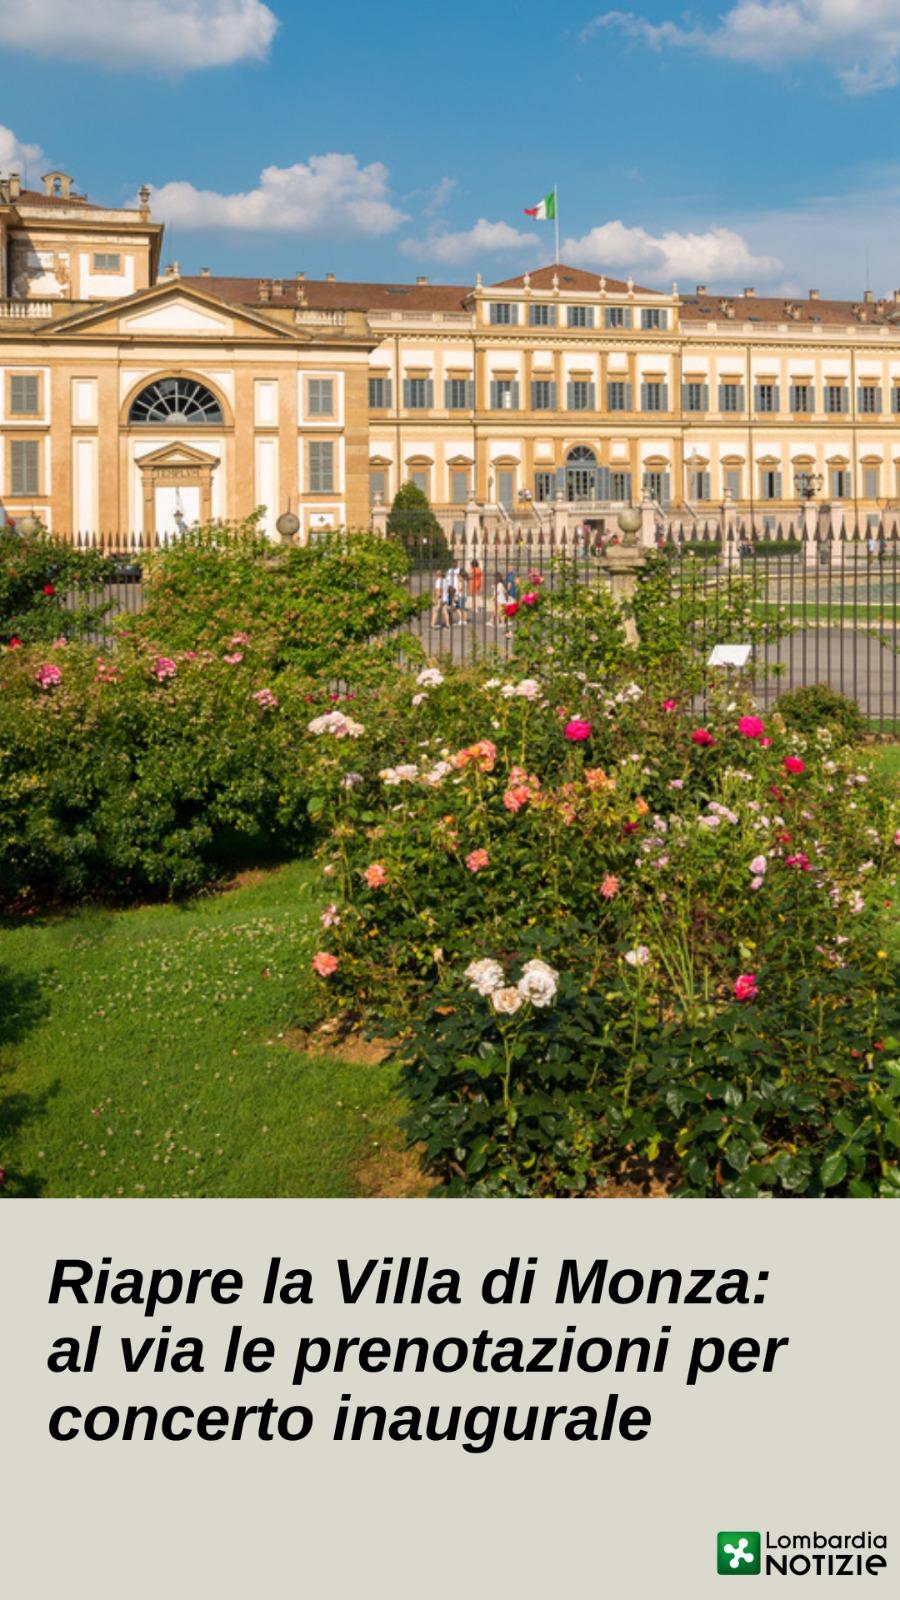 Riapre la Villa di Monza, al via le prenotazioni per concerto inaugurale